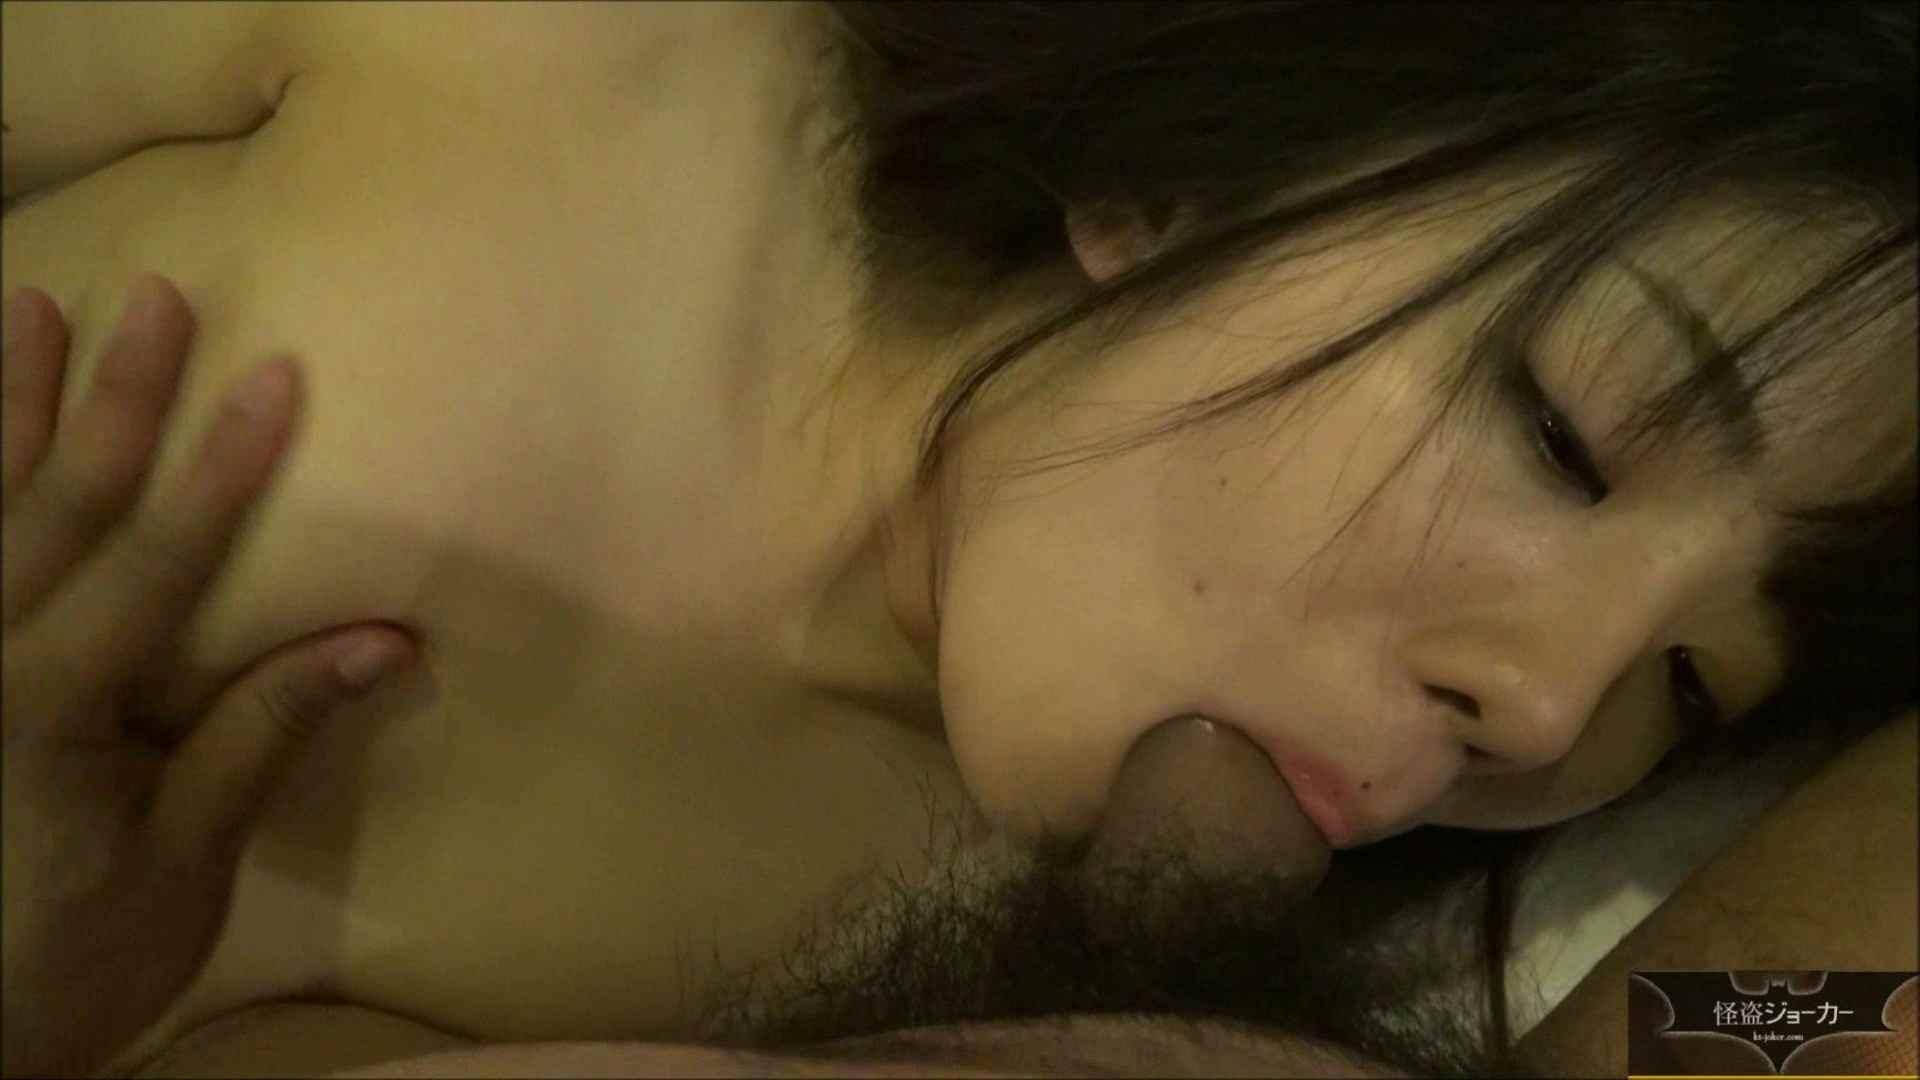 【未公開】vol.82 {関東某有名お嬢様JD}yuunaちゃん④【後編】 お嬢様  88pic 49